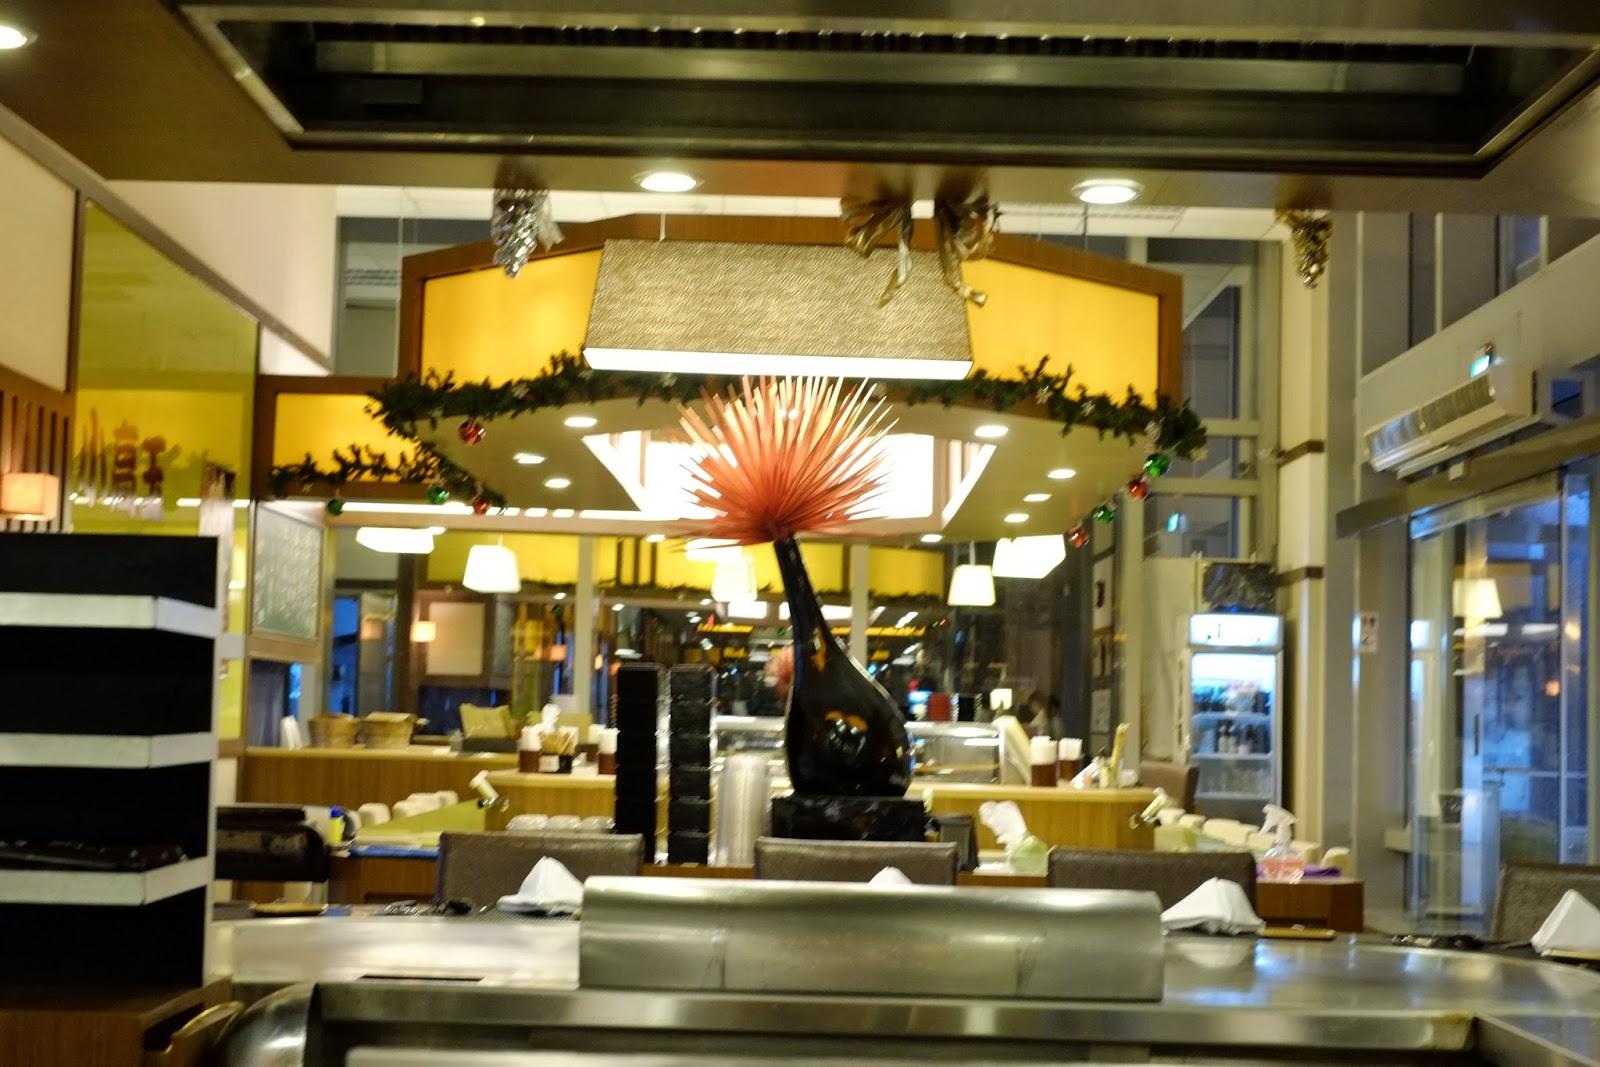 一次吃到鐵板燒與壽司 高樂餐飲 - 臺北 南港 - 我啥都不知道